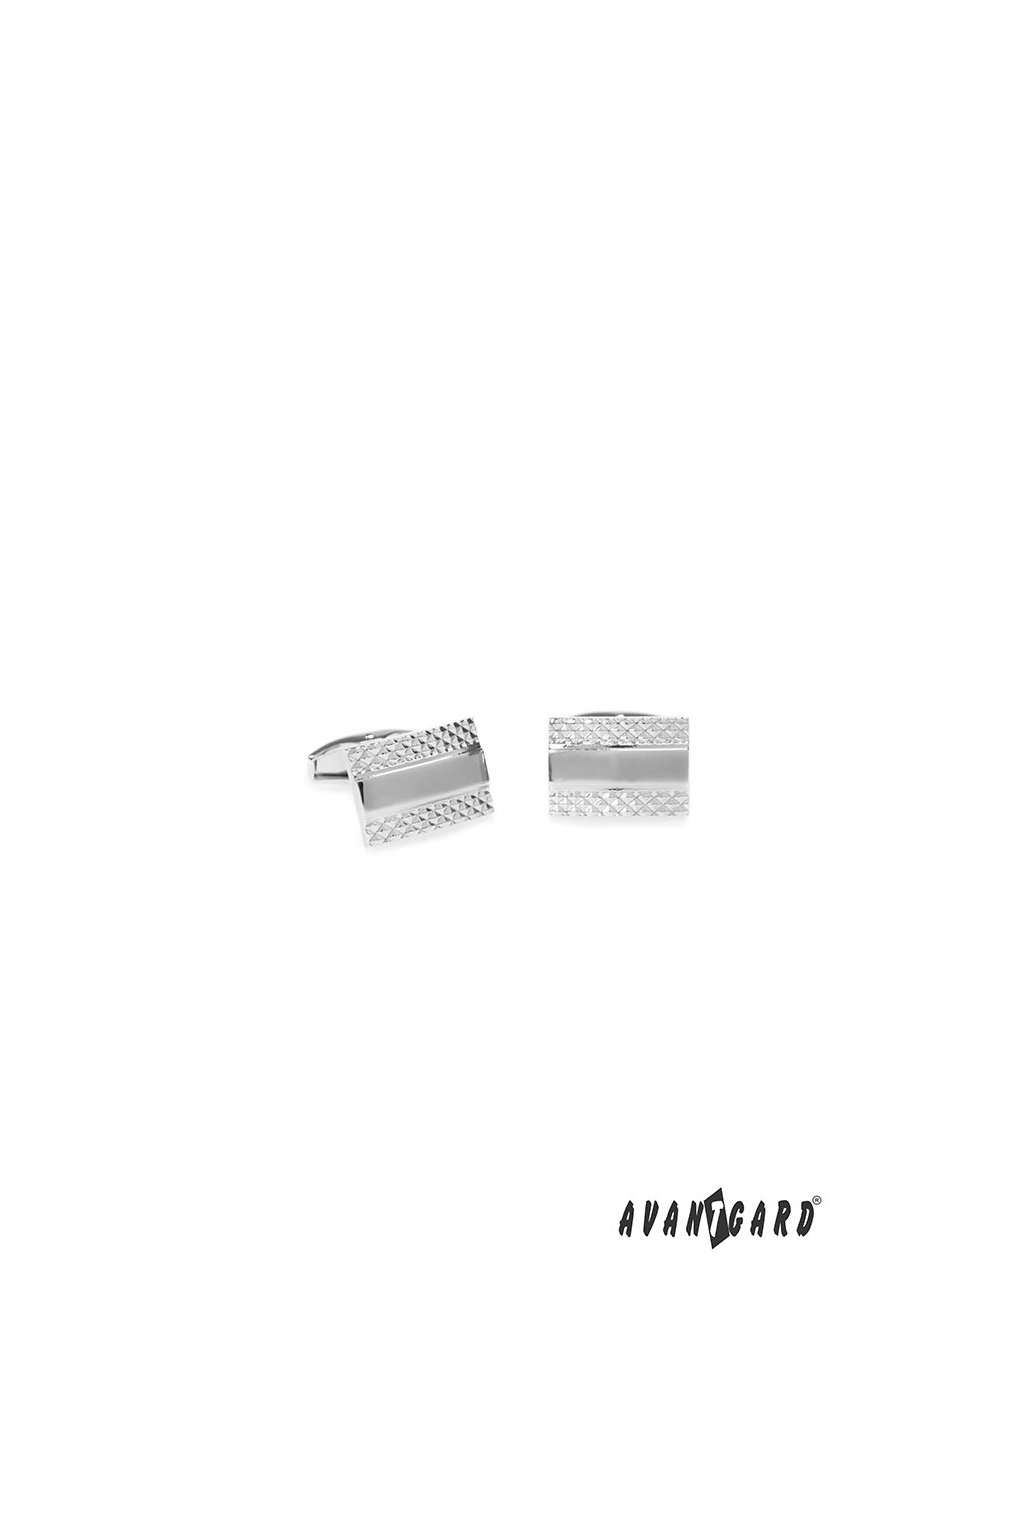 Manžetové knoflíčky PREMIUM, 573-20746, Stříbrná lesk